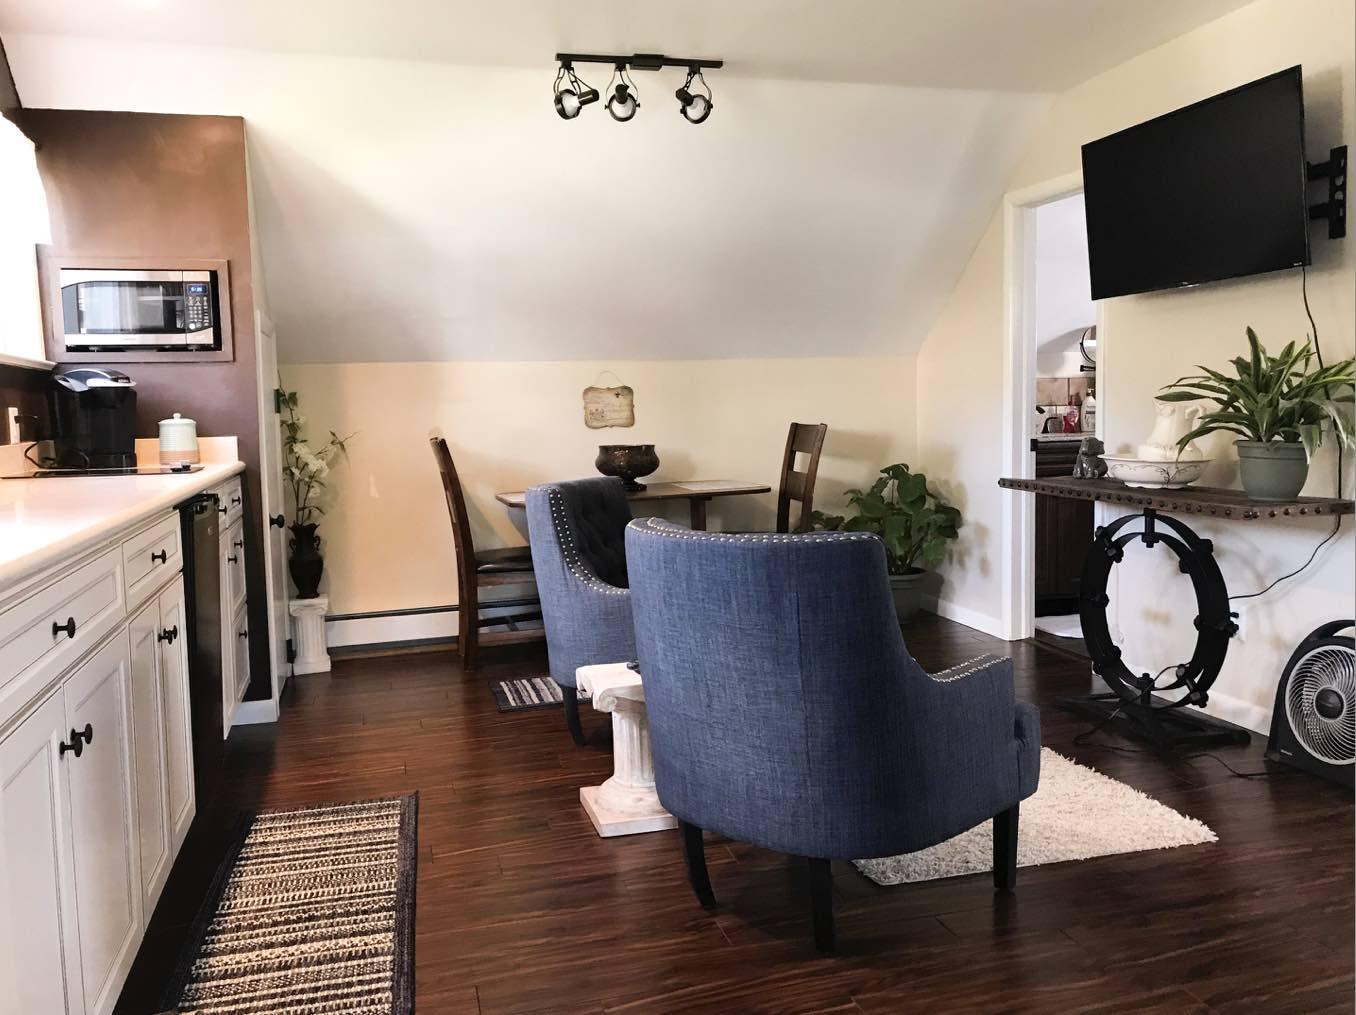 airbnb Laramie wyoming